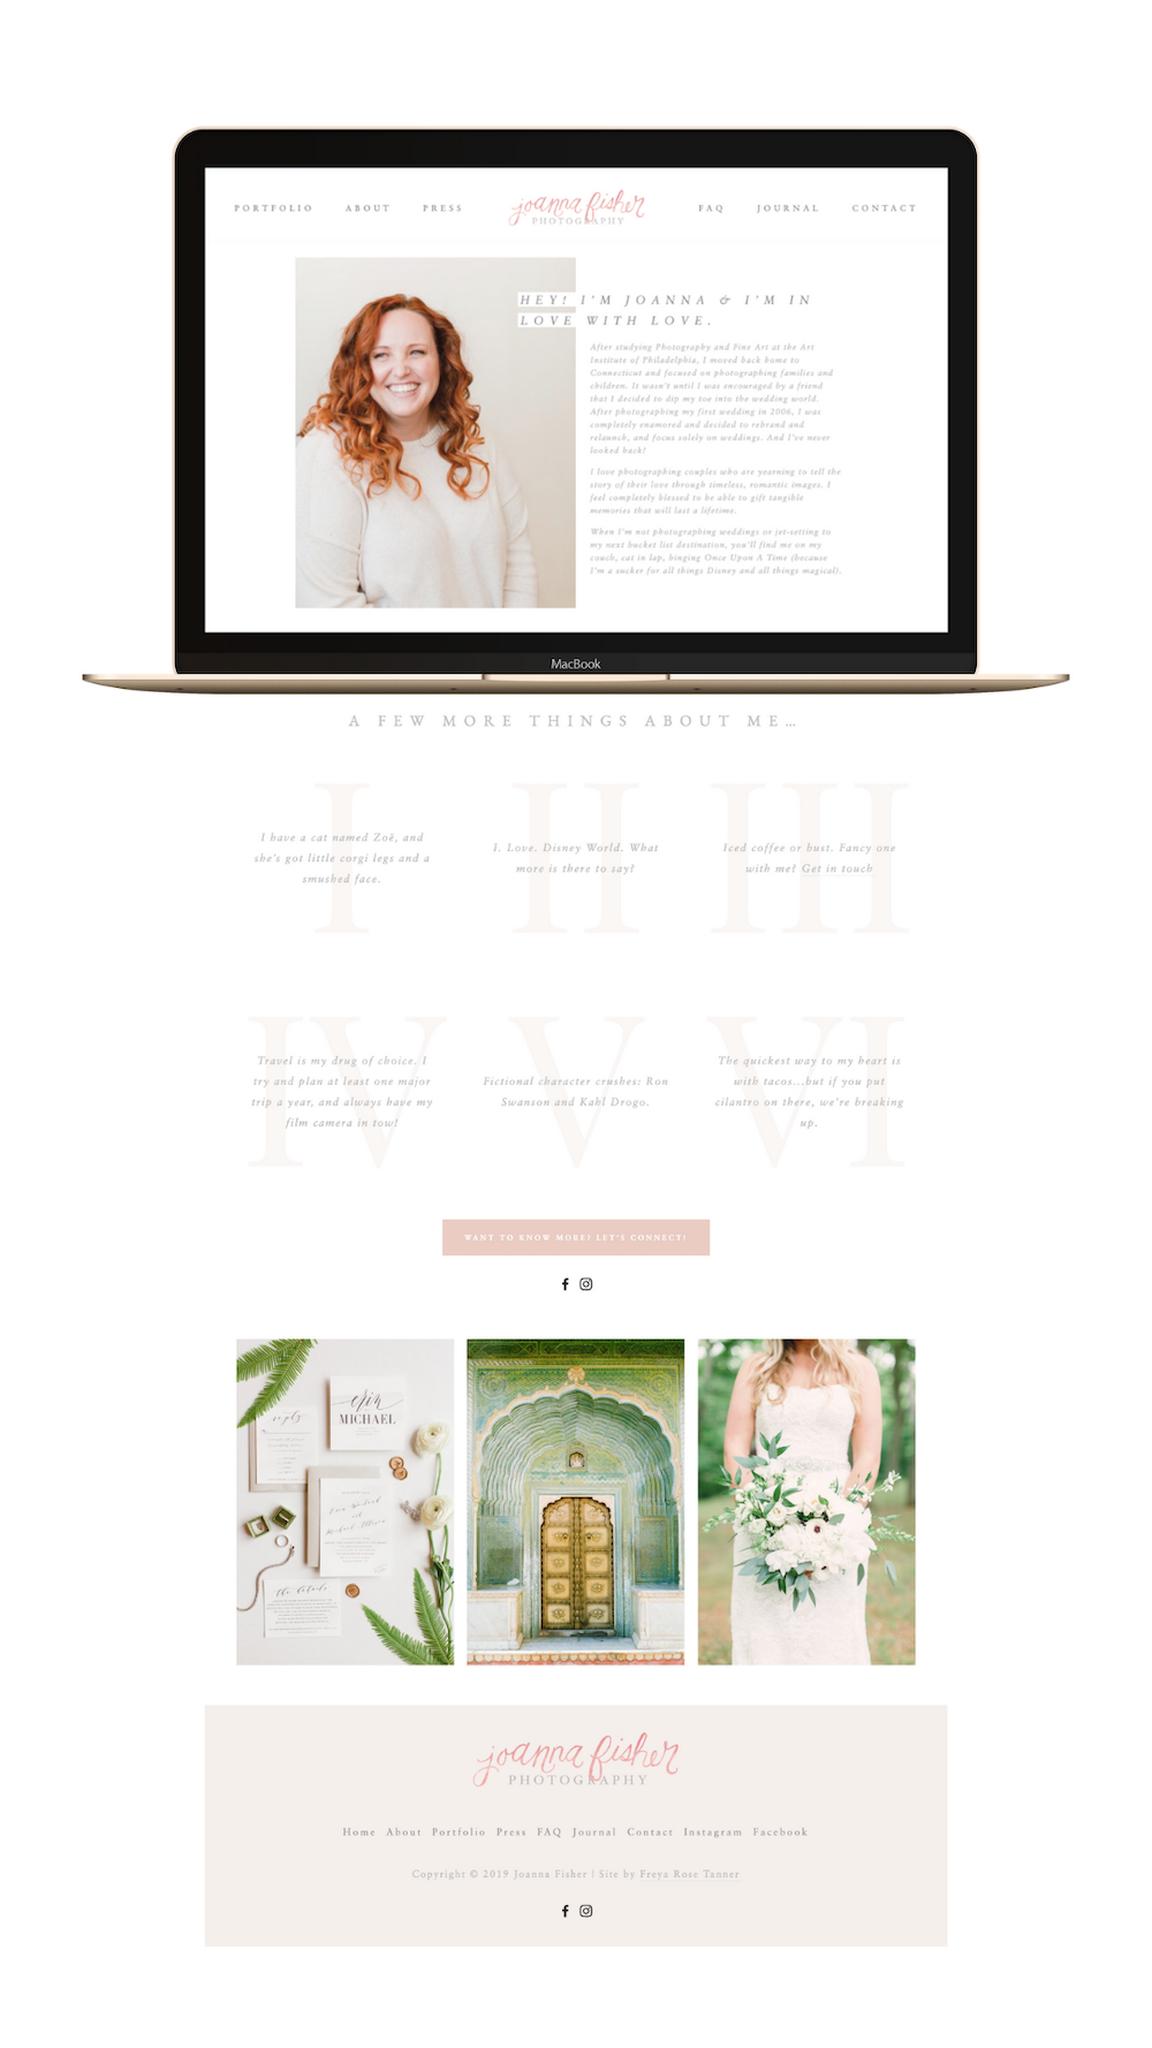 Joanna+fisher+squarespace+website+designer+Freya+Rose+Tanner.jpg